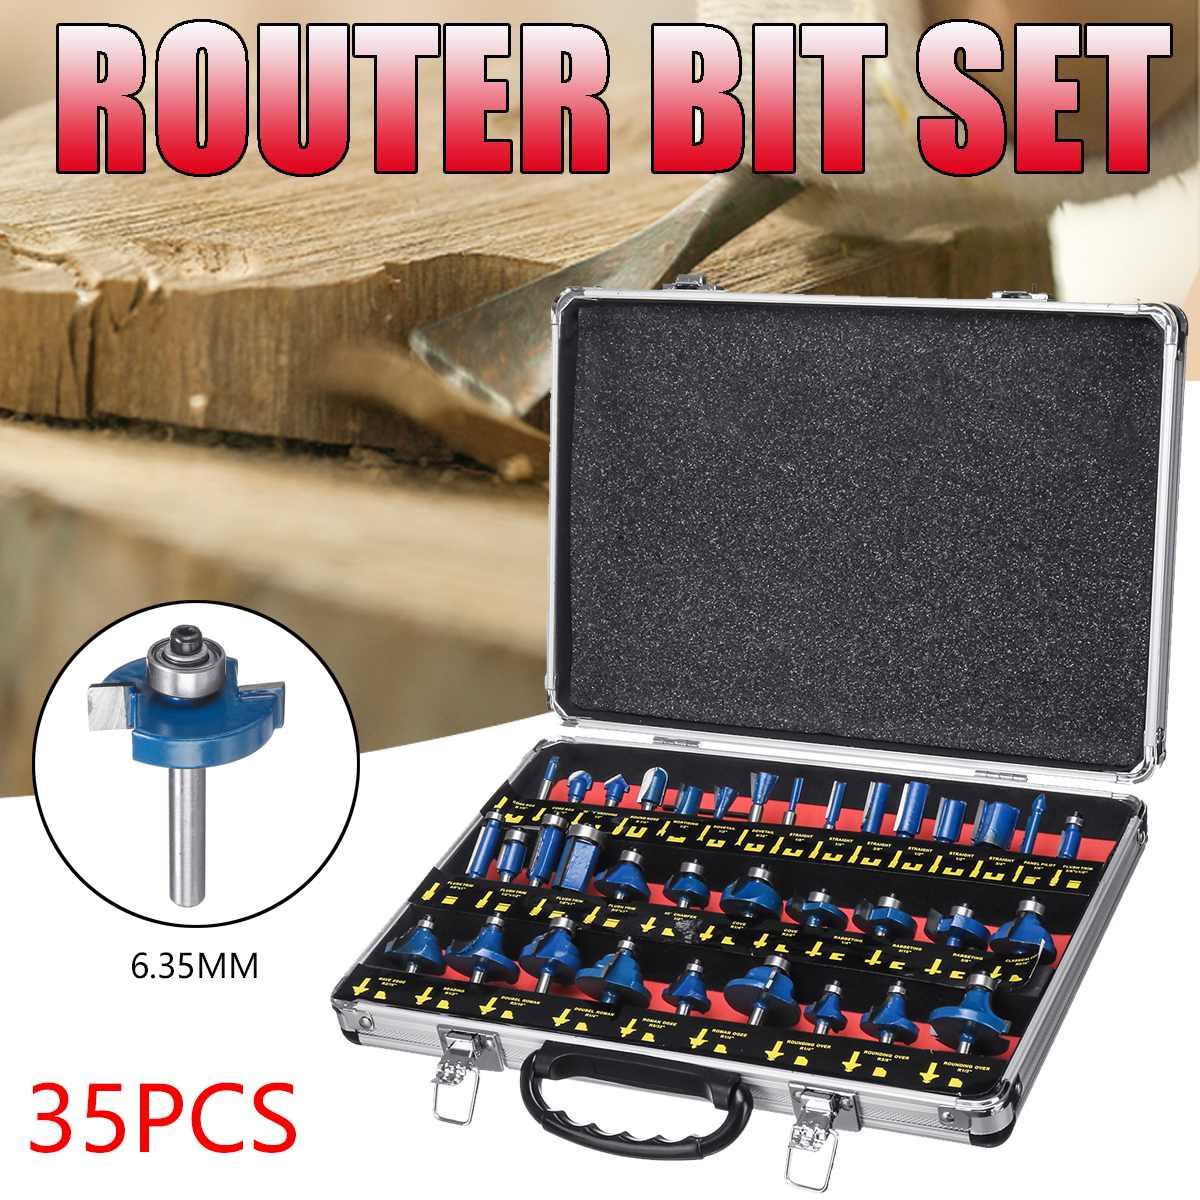 35 pièces 1/4 pouces 6.35mm bois fraise tige routeur Bit ensemble machine de découpage outil pour tondeuse électrique bois travail Kit de coupe